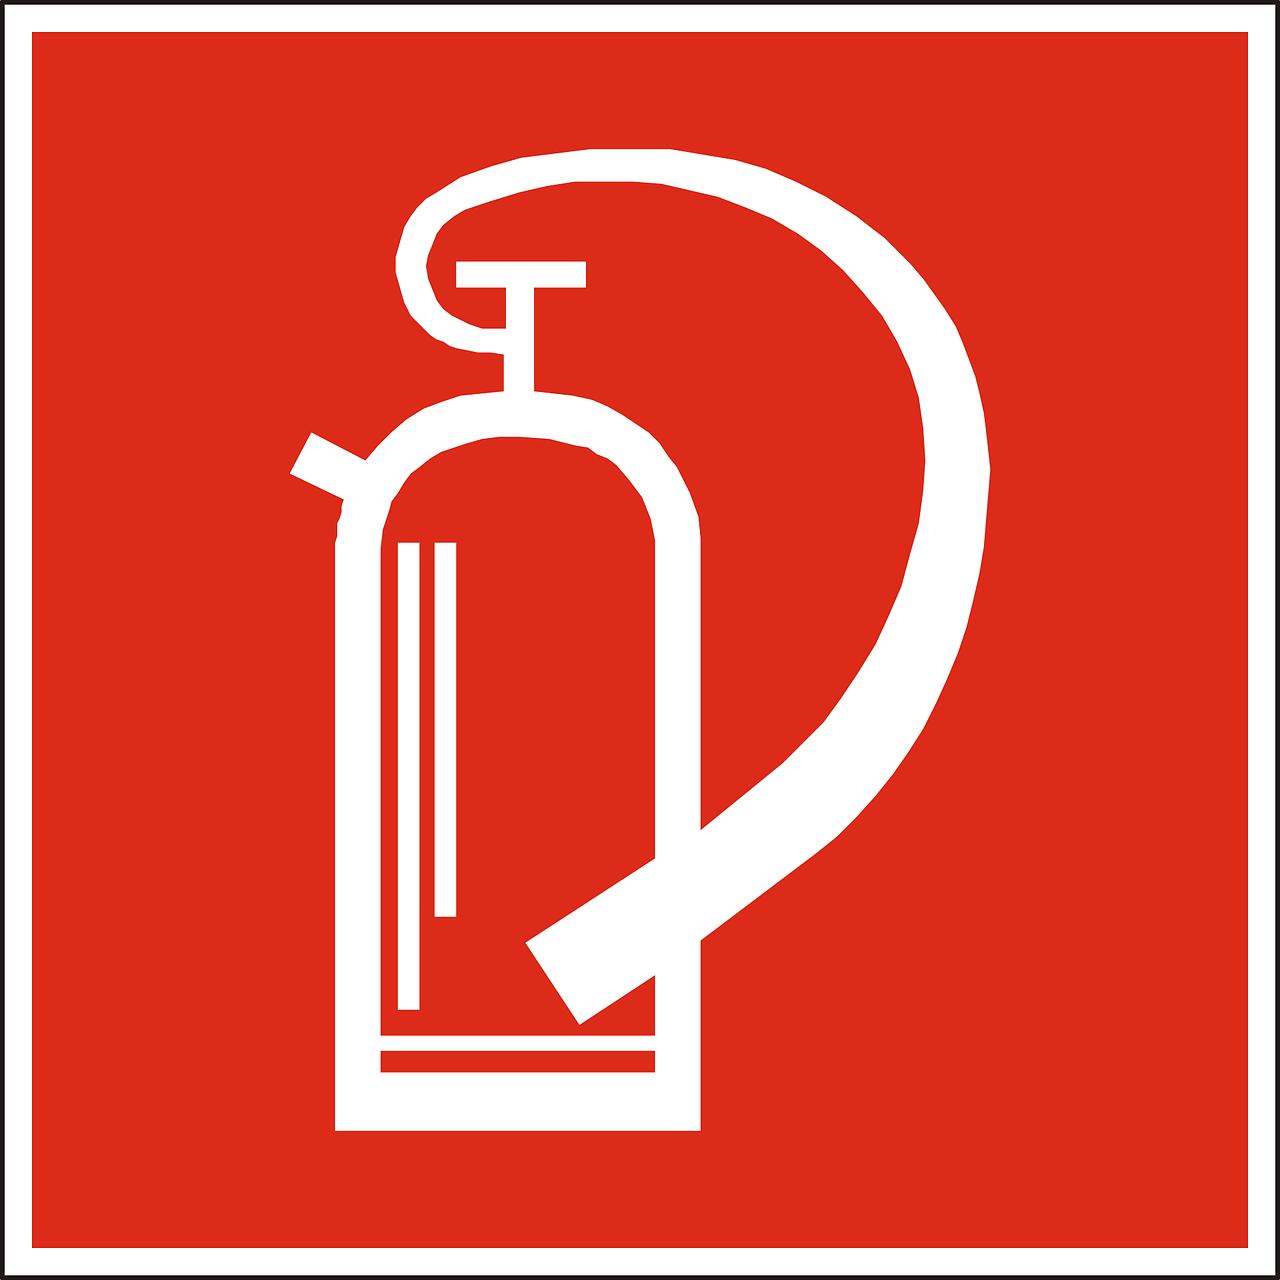 灭火器,手提式灭火器,消防水幕,红色,迹象,符号,图标